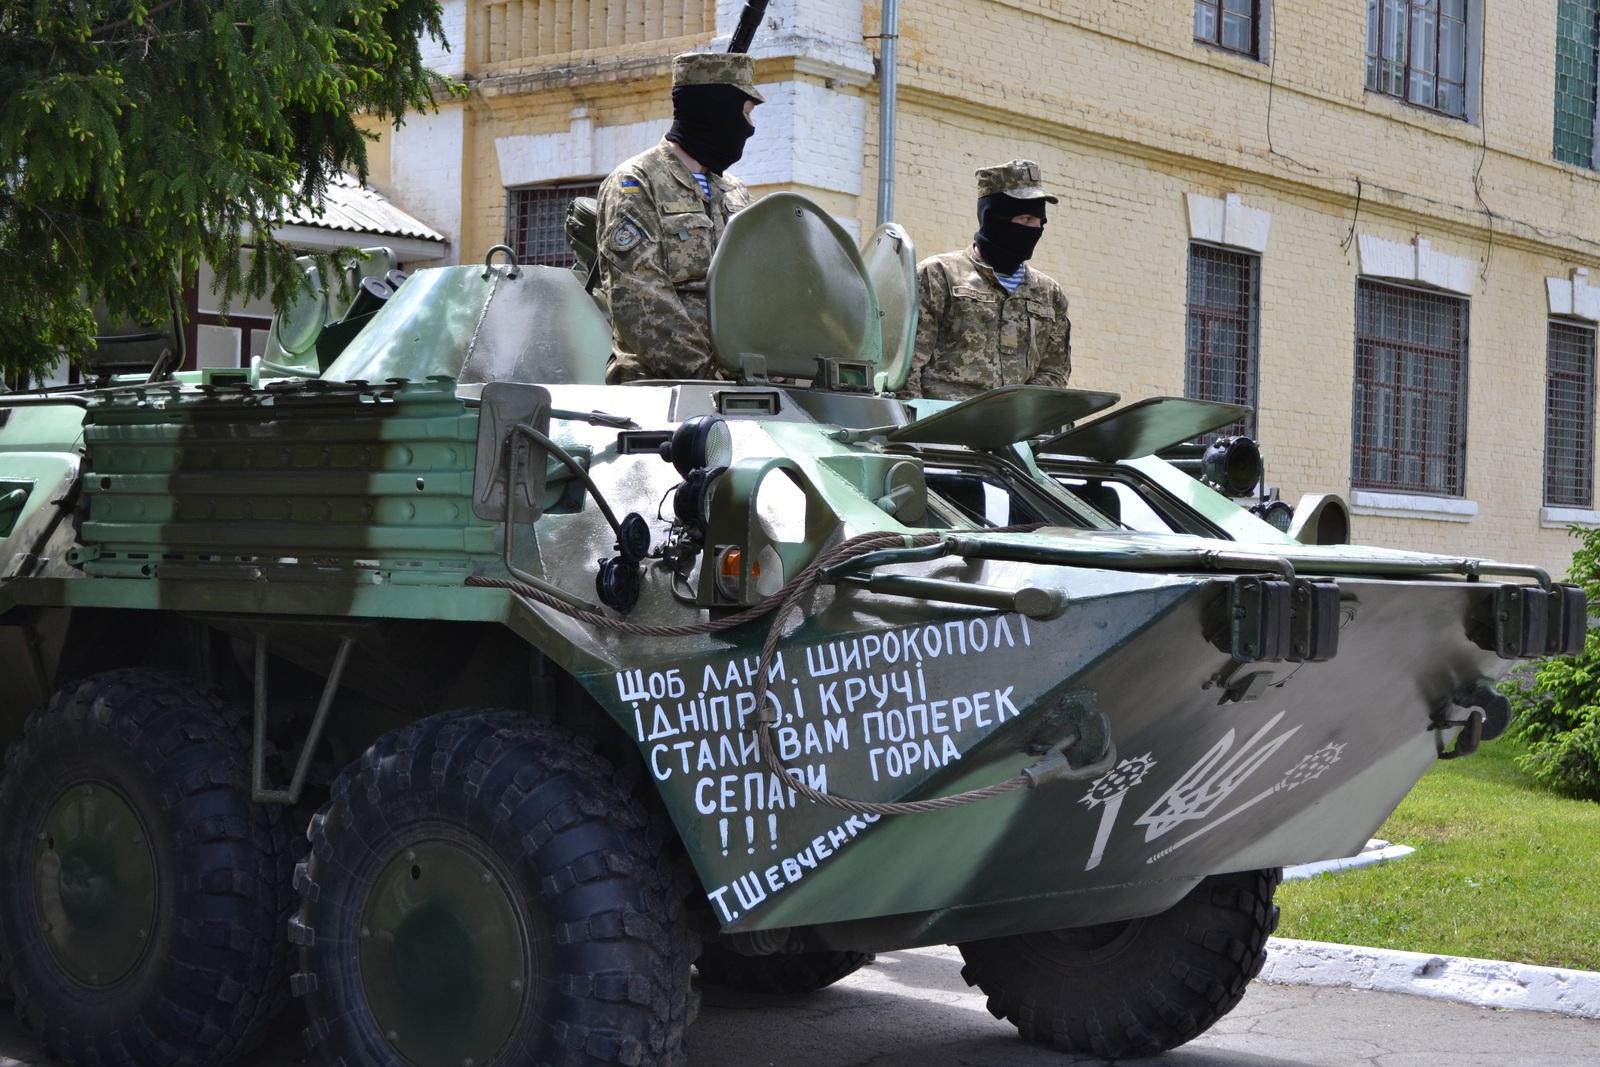 Сили спеціальних операцій ЗСУ